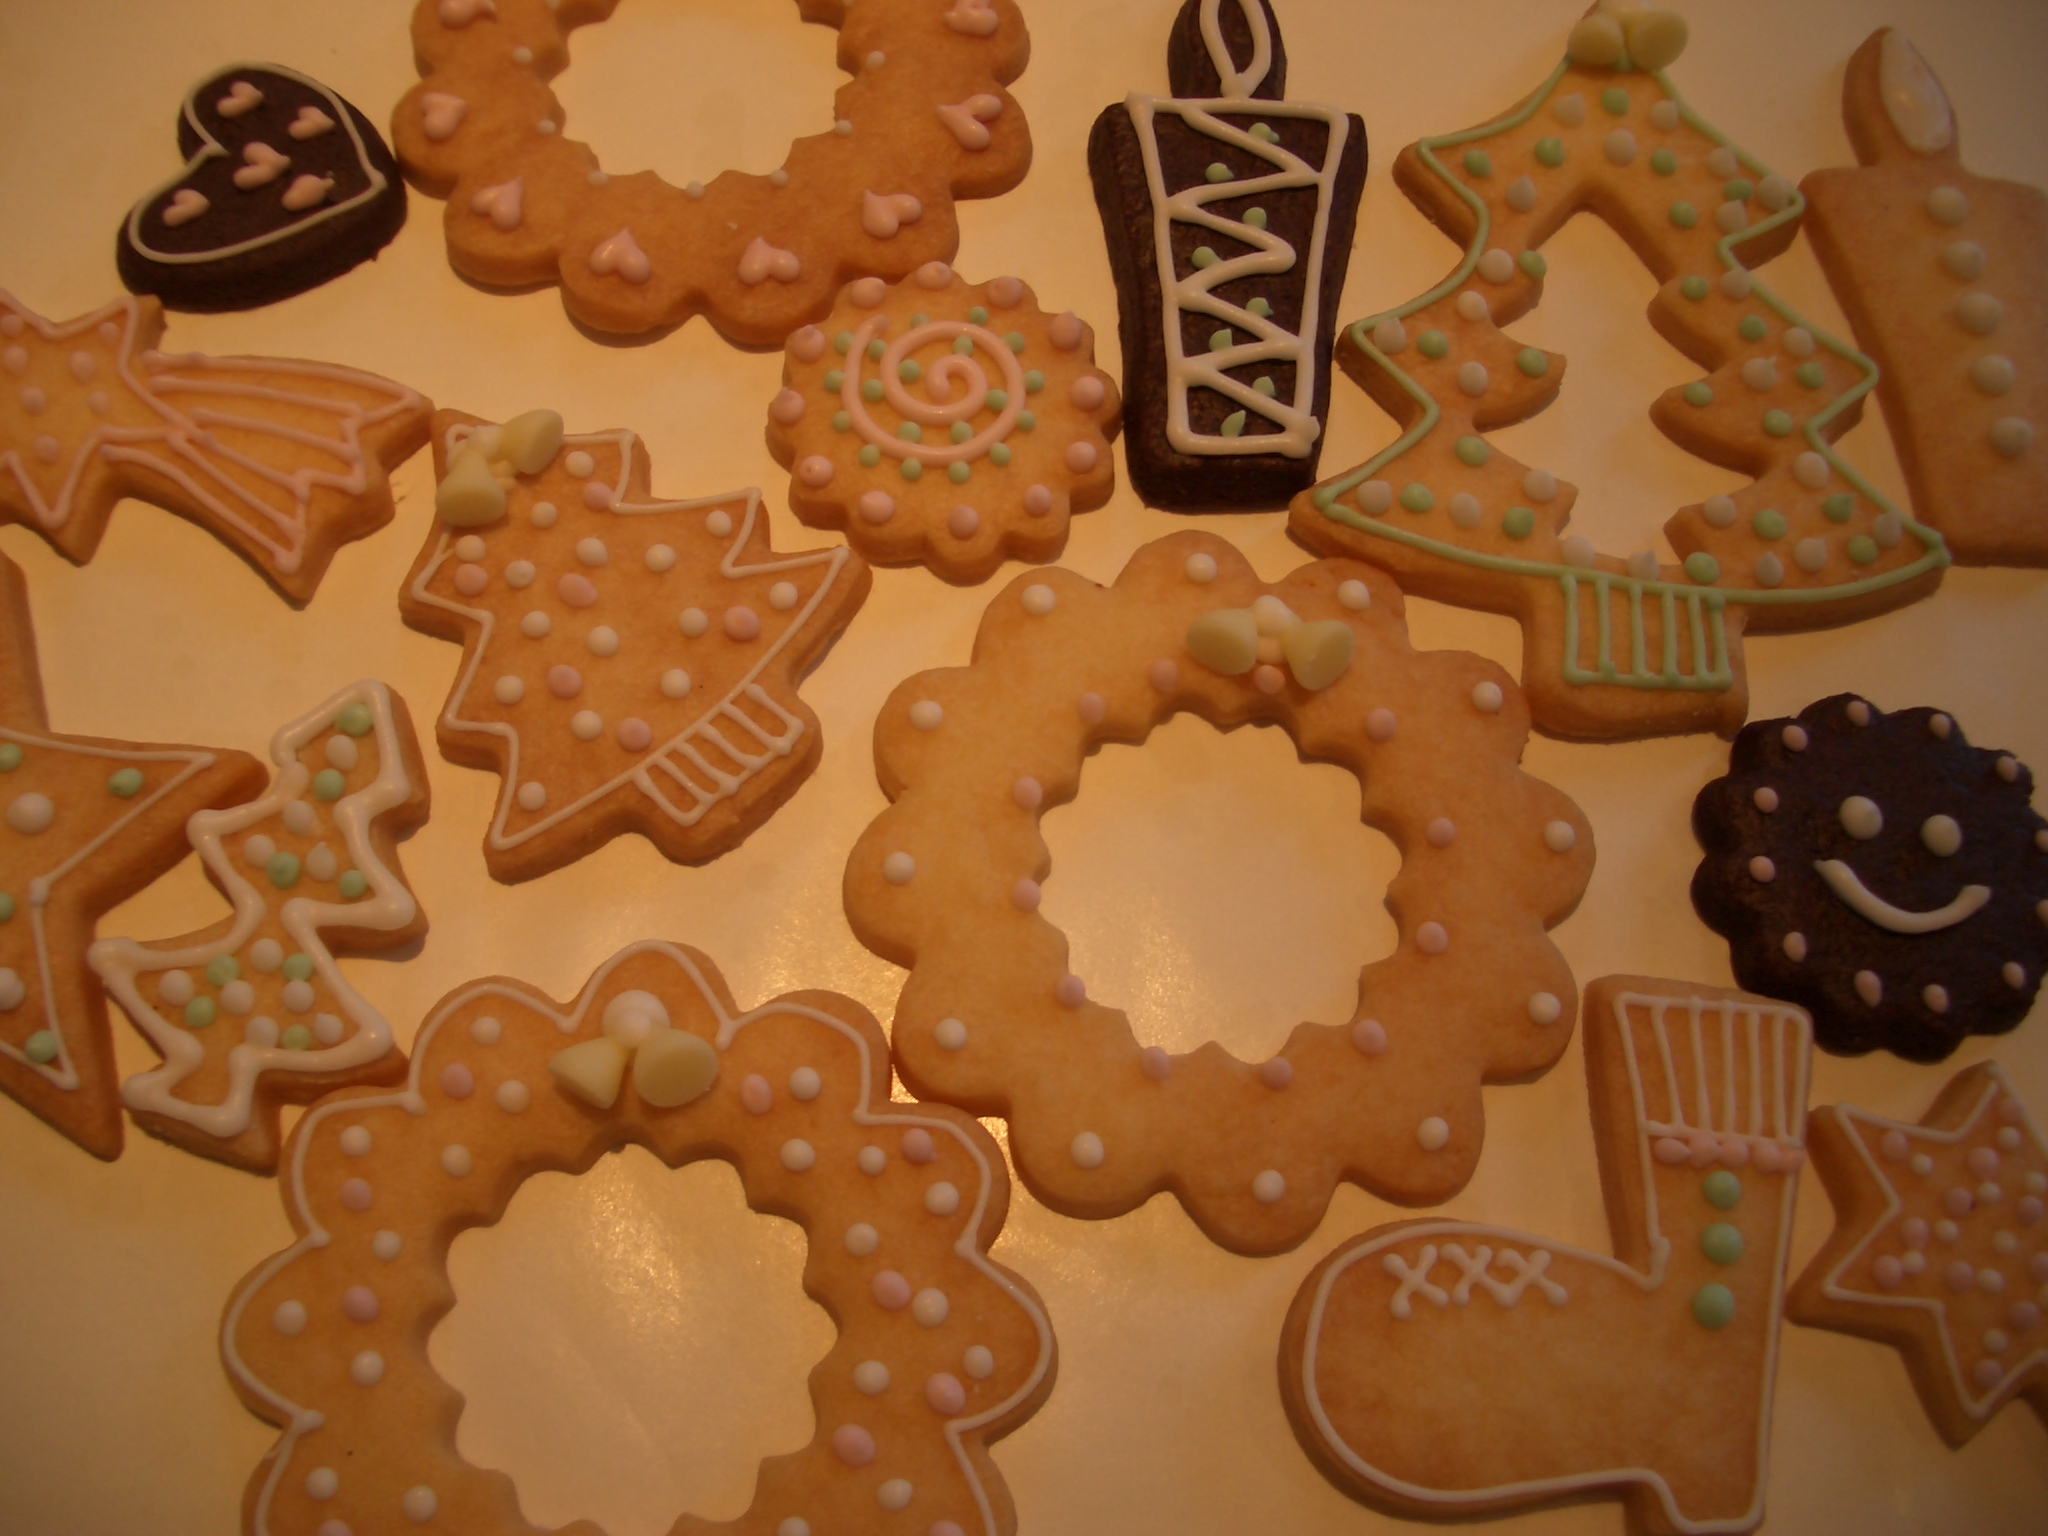 クッキーで作るクリスマスオーナメント『お菓子教室』